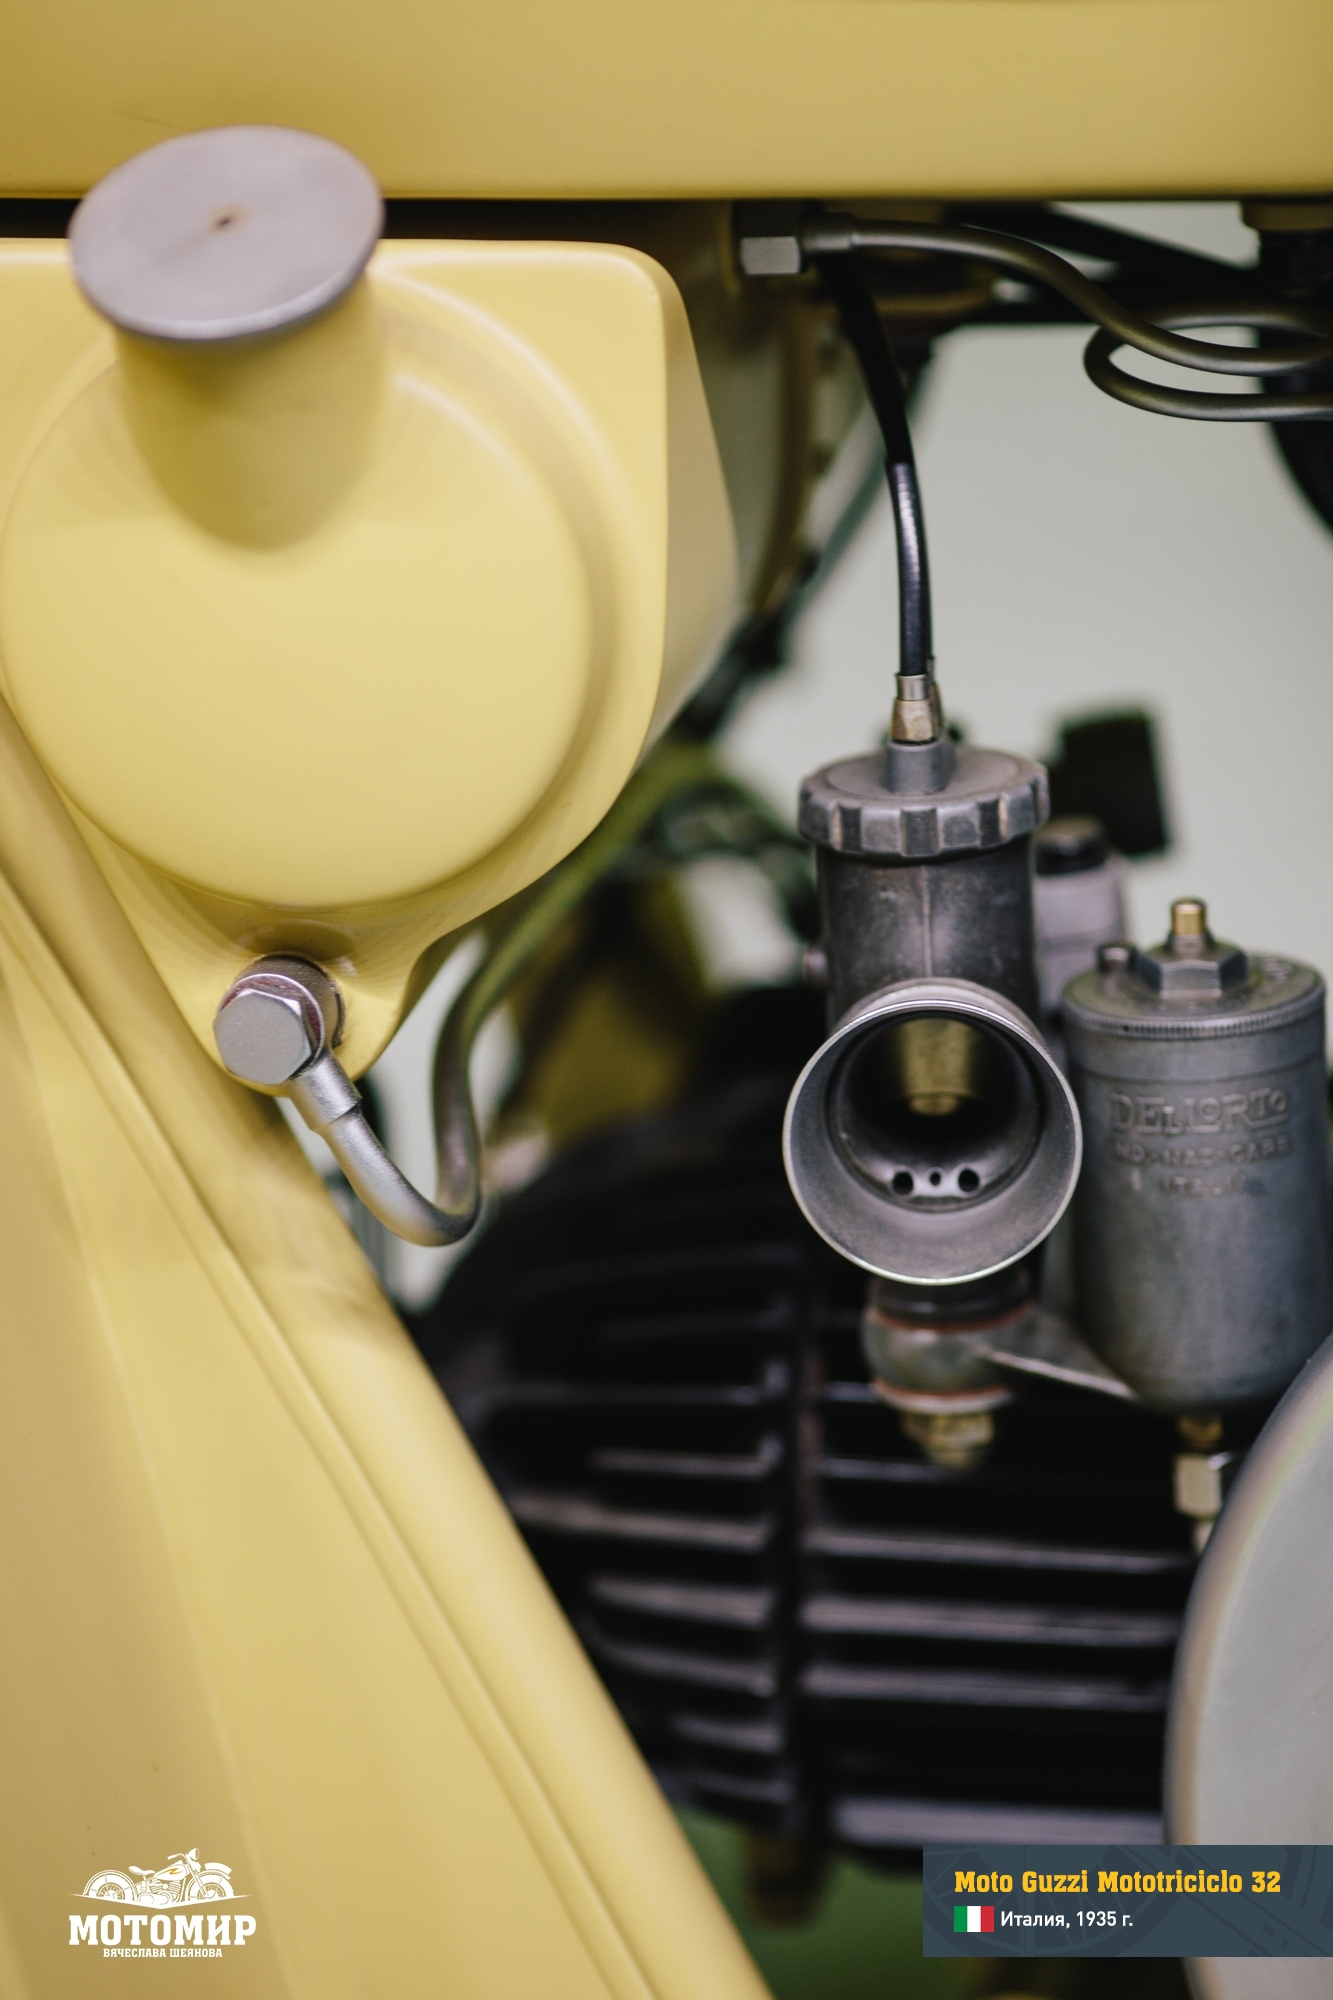 moto-guzzi-mototriciclo-32-web-22